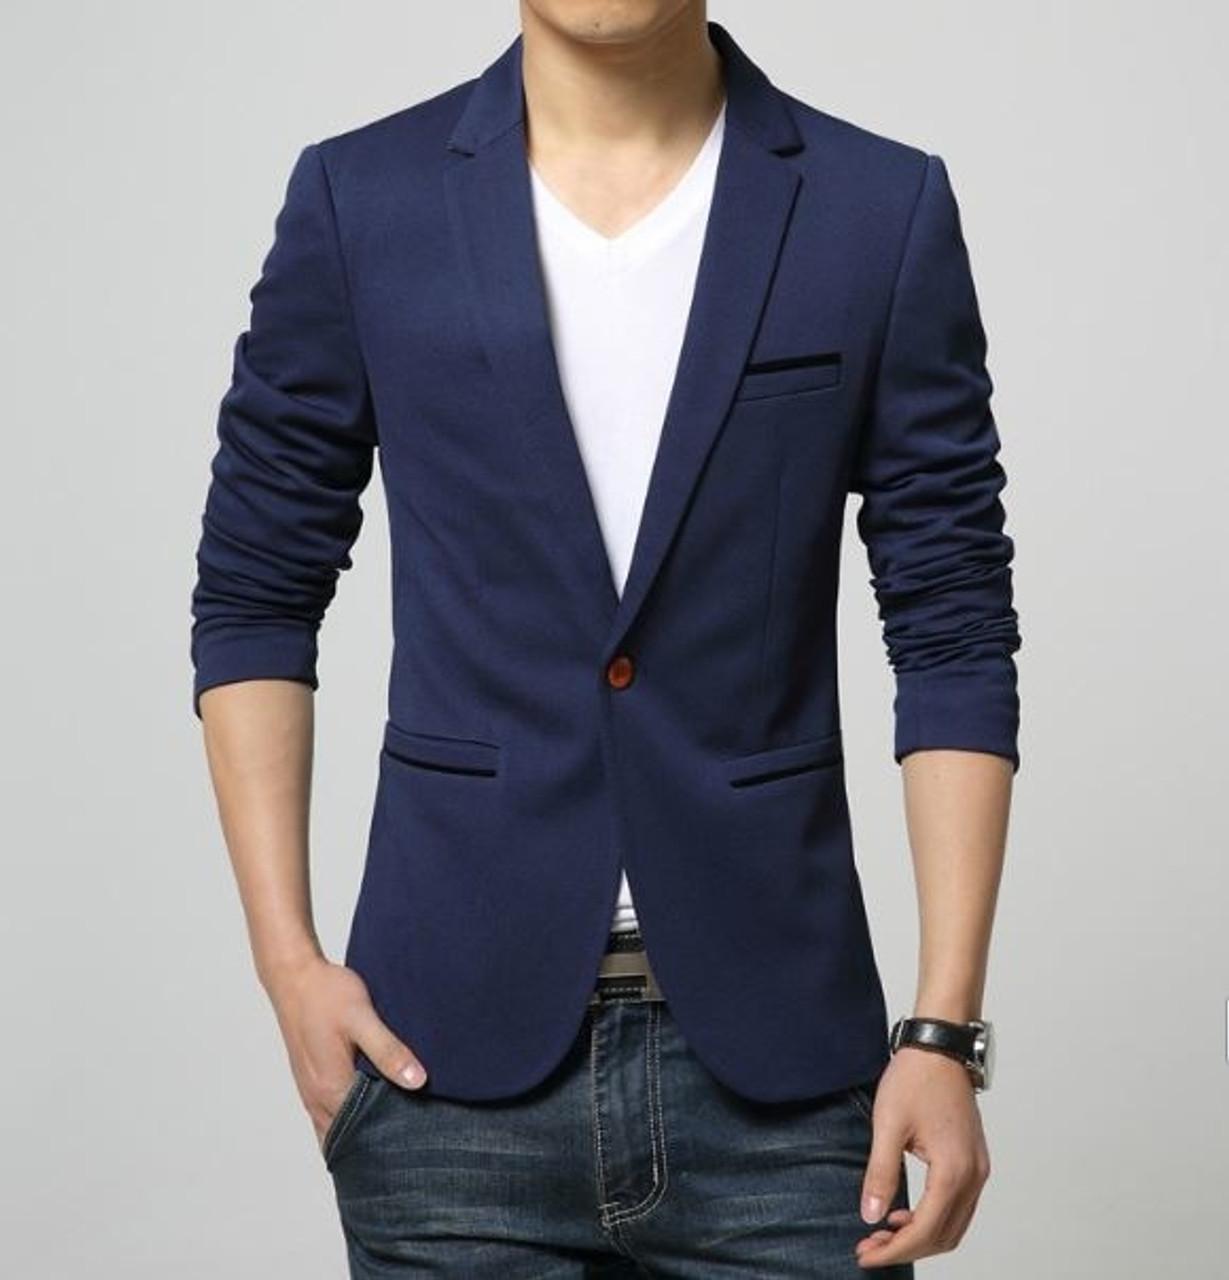 e0be41ea15 ... 2019 Fashion Party Mens slim fit cotton blazer Suit Jacket black blue  beige plus size L ...